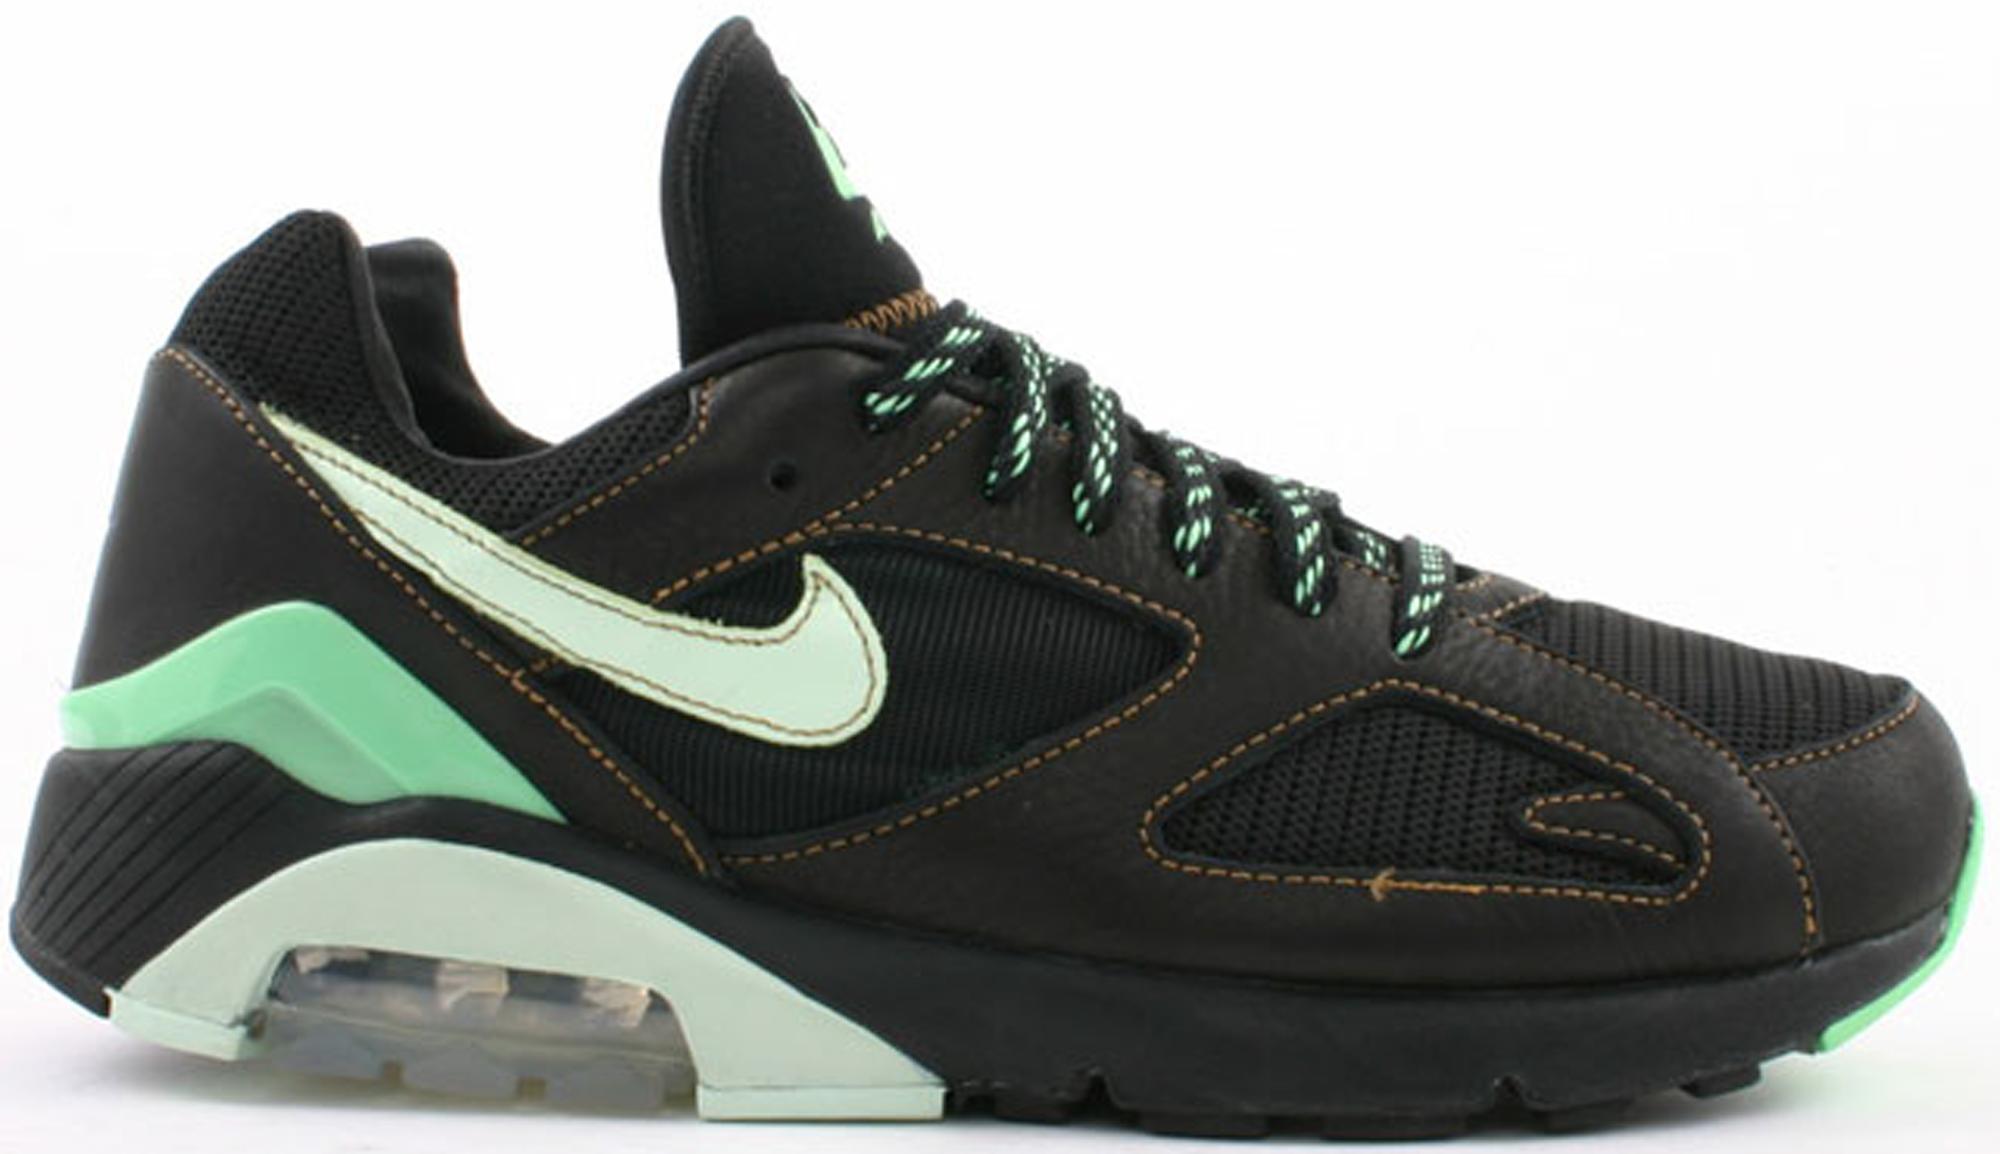 Nike Air Max 180 Black Poison Green